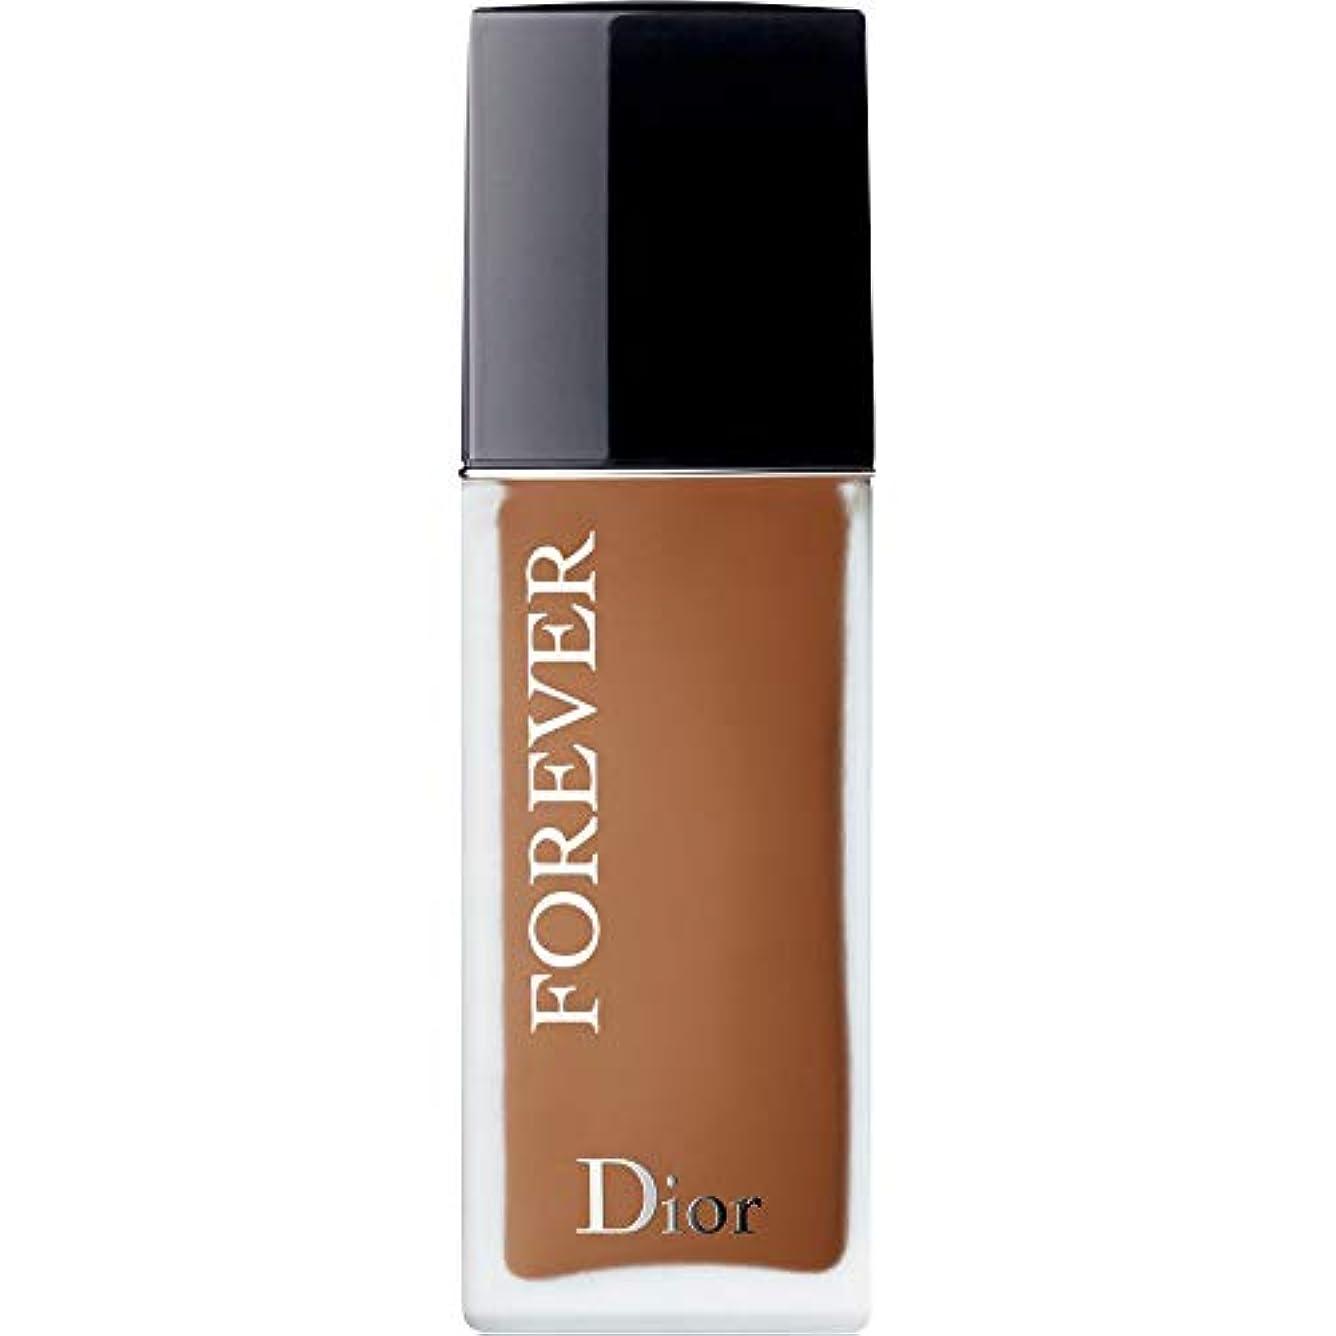 日付甘味伴う[Dior ] ディオール永遠皮膚思いやりの基盤Spf35 30ミリリットルの6N - ニュートラル(つや消し) - DIOR Forever Skin-Caring Foundation SPF35 30ml 6N -...